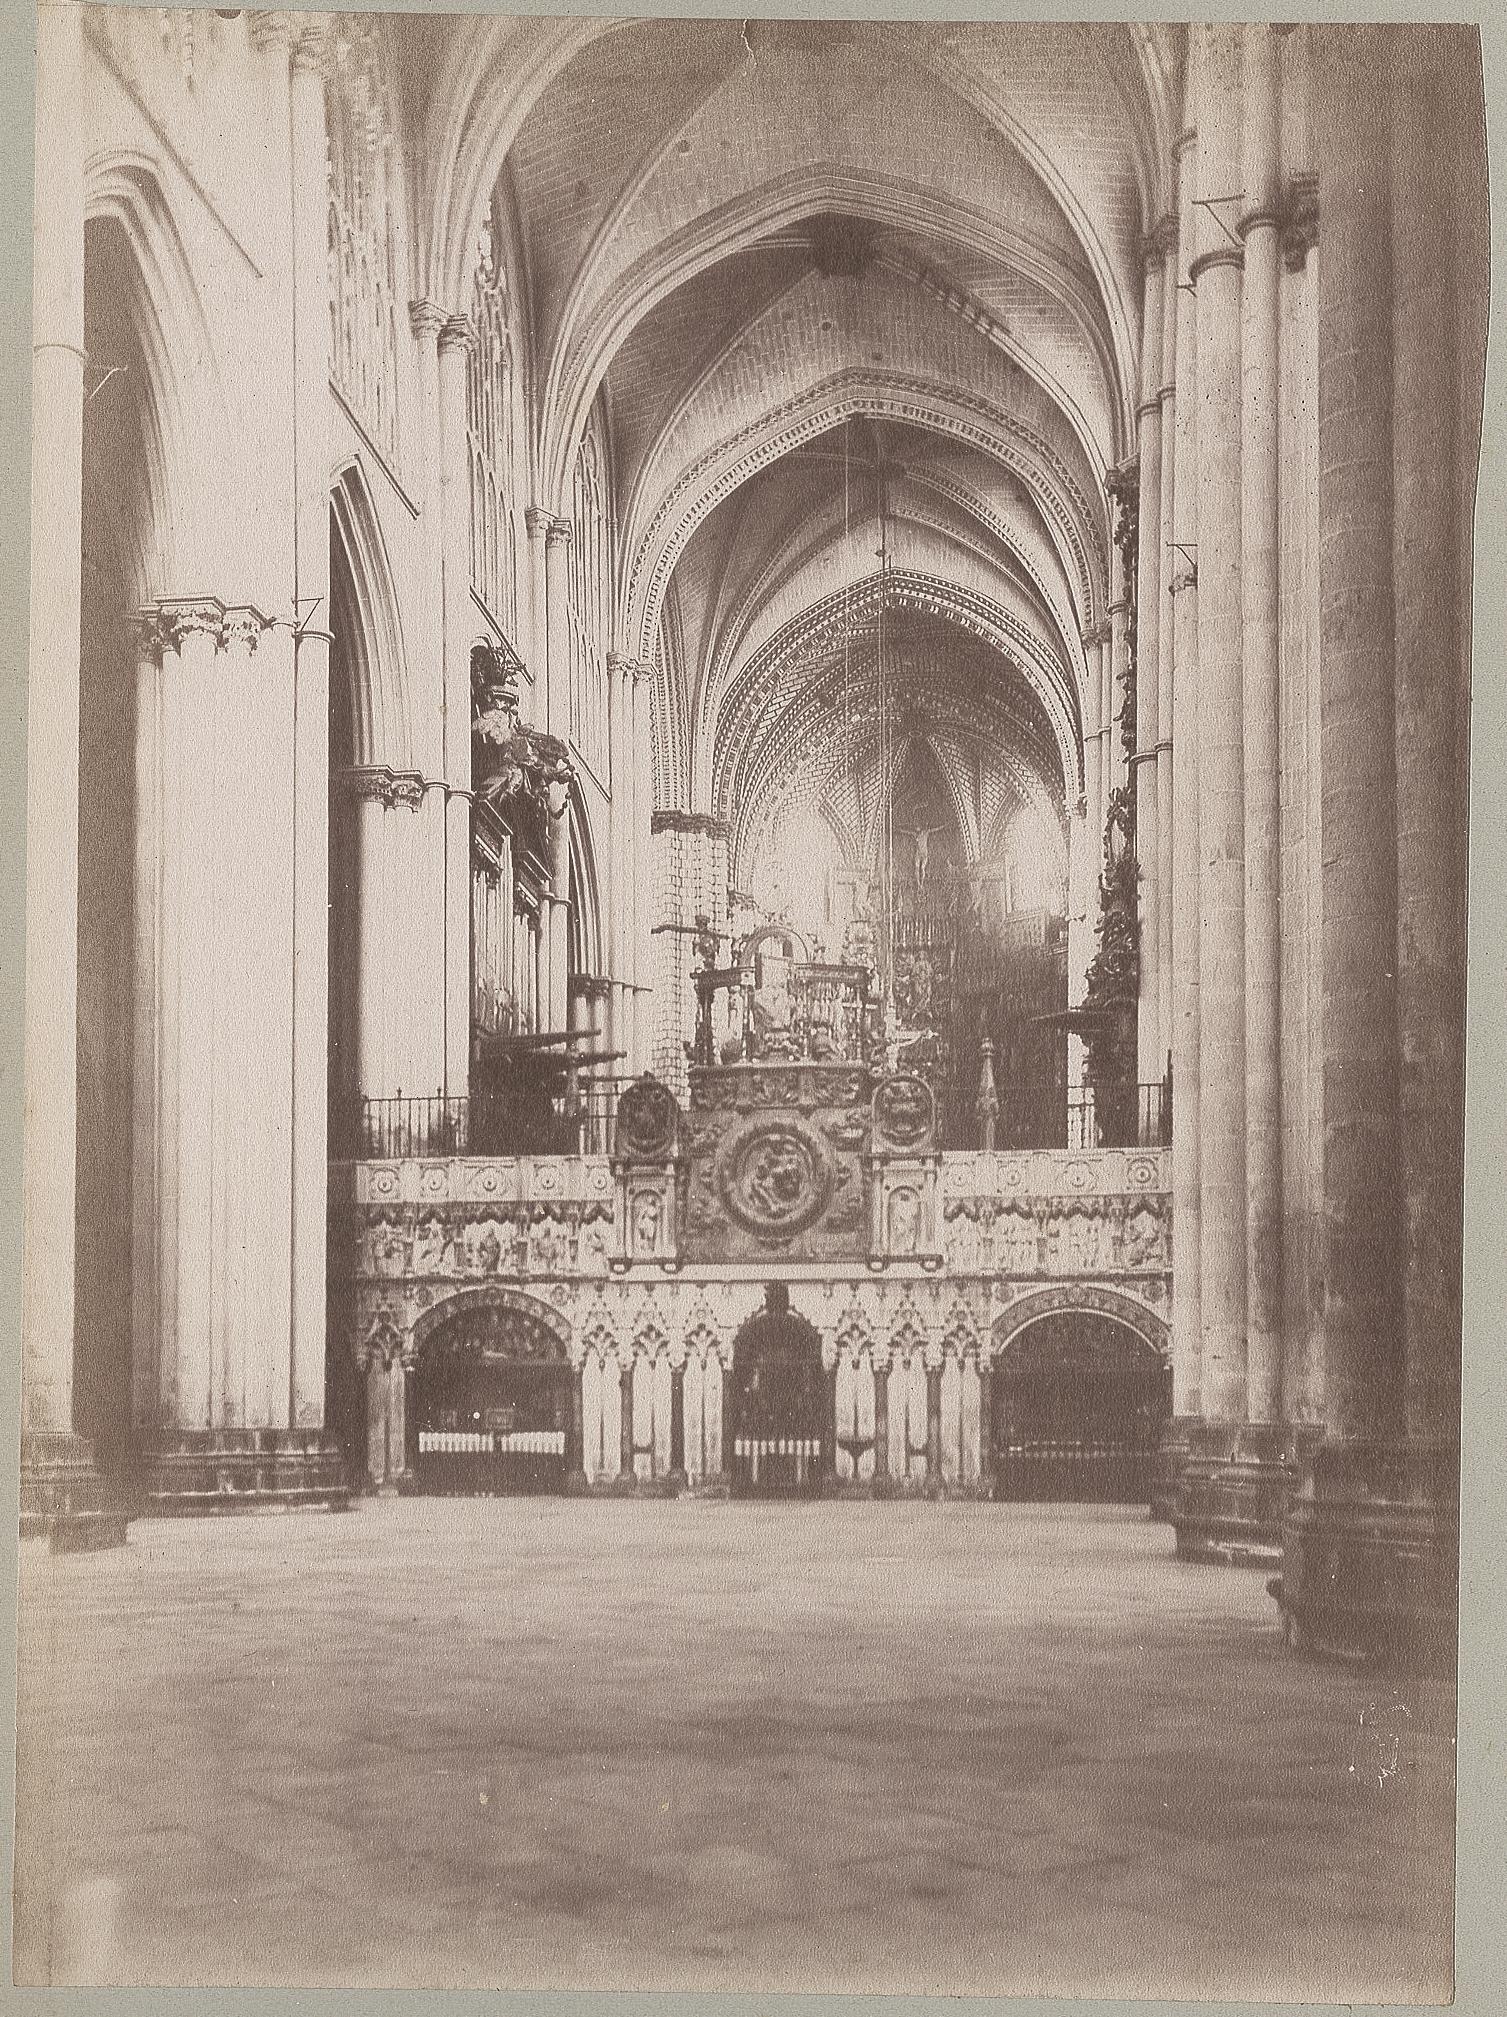 Catedral de Toledo en 1886 © Archives départementales de l'Aude